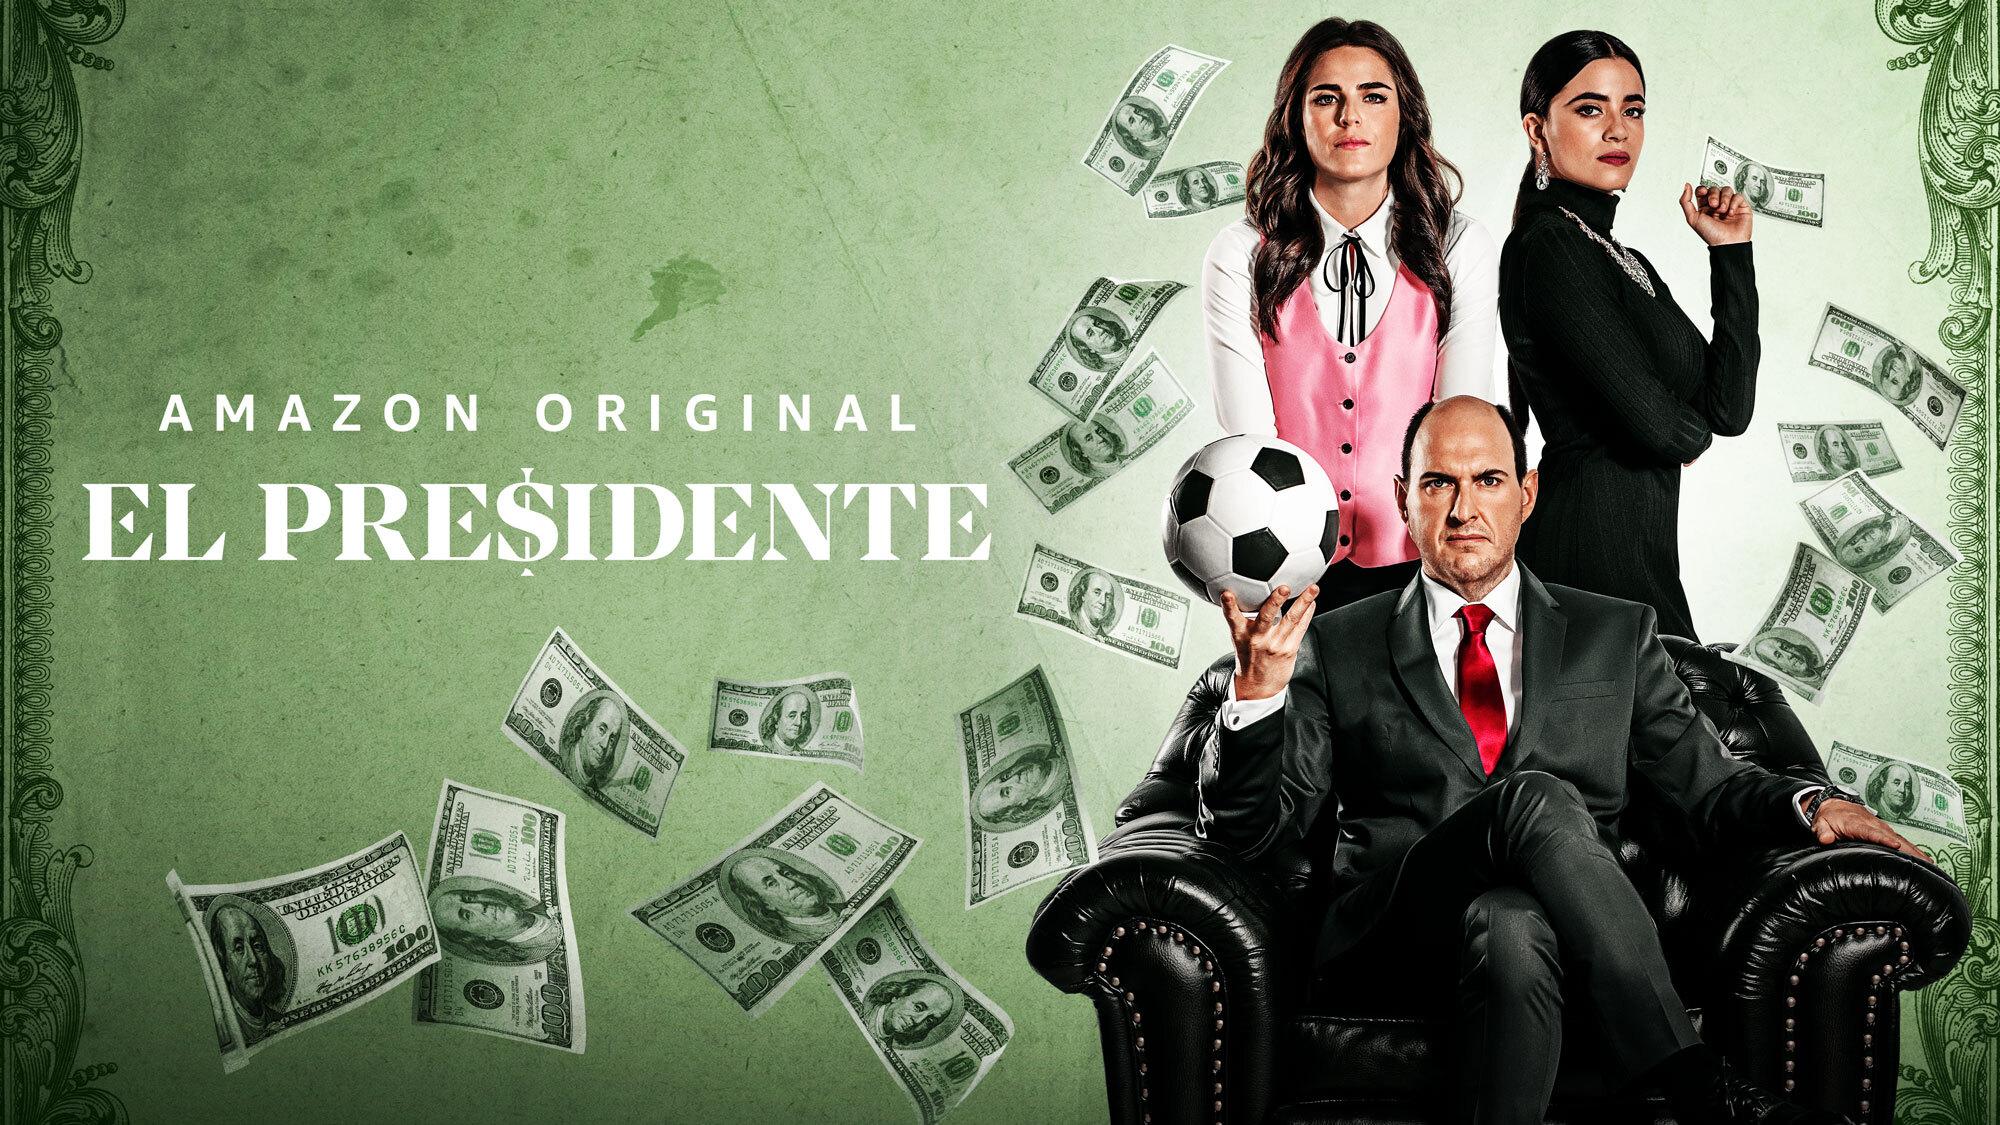 Prime Video revela tráiler y lanzamiento de El Presidente, la serie sobre el FIFA GATE